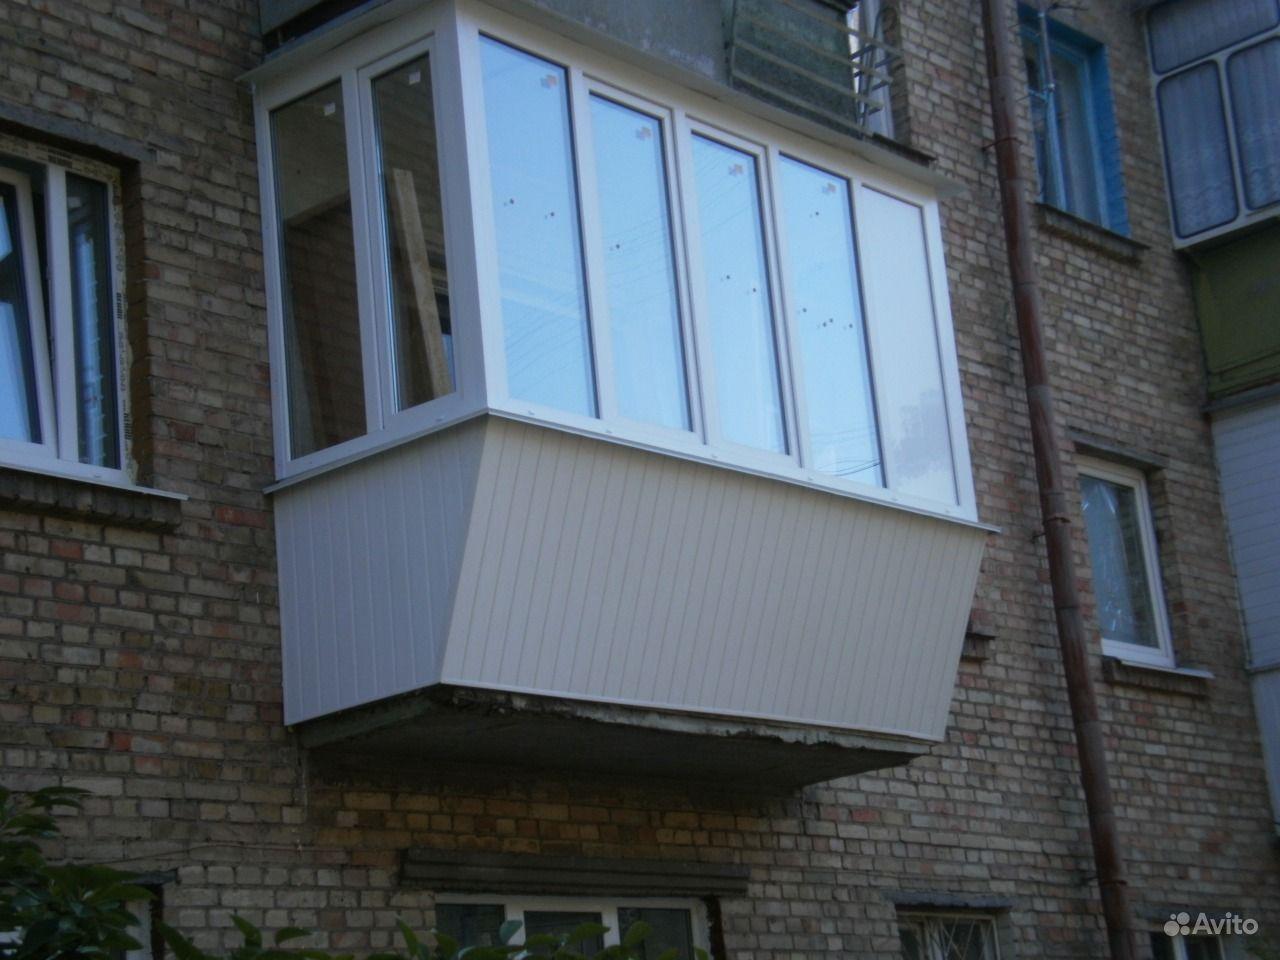 Фото: метало пластиковые окна,двери,балконы под ключ. окна, .